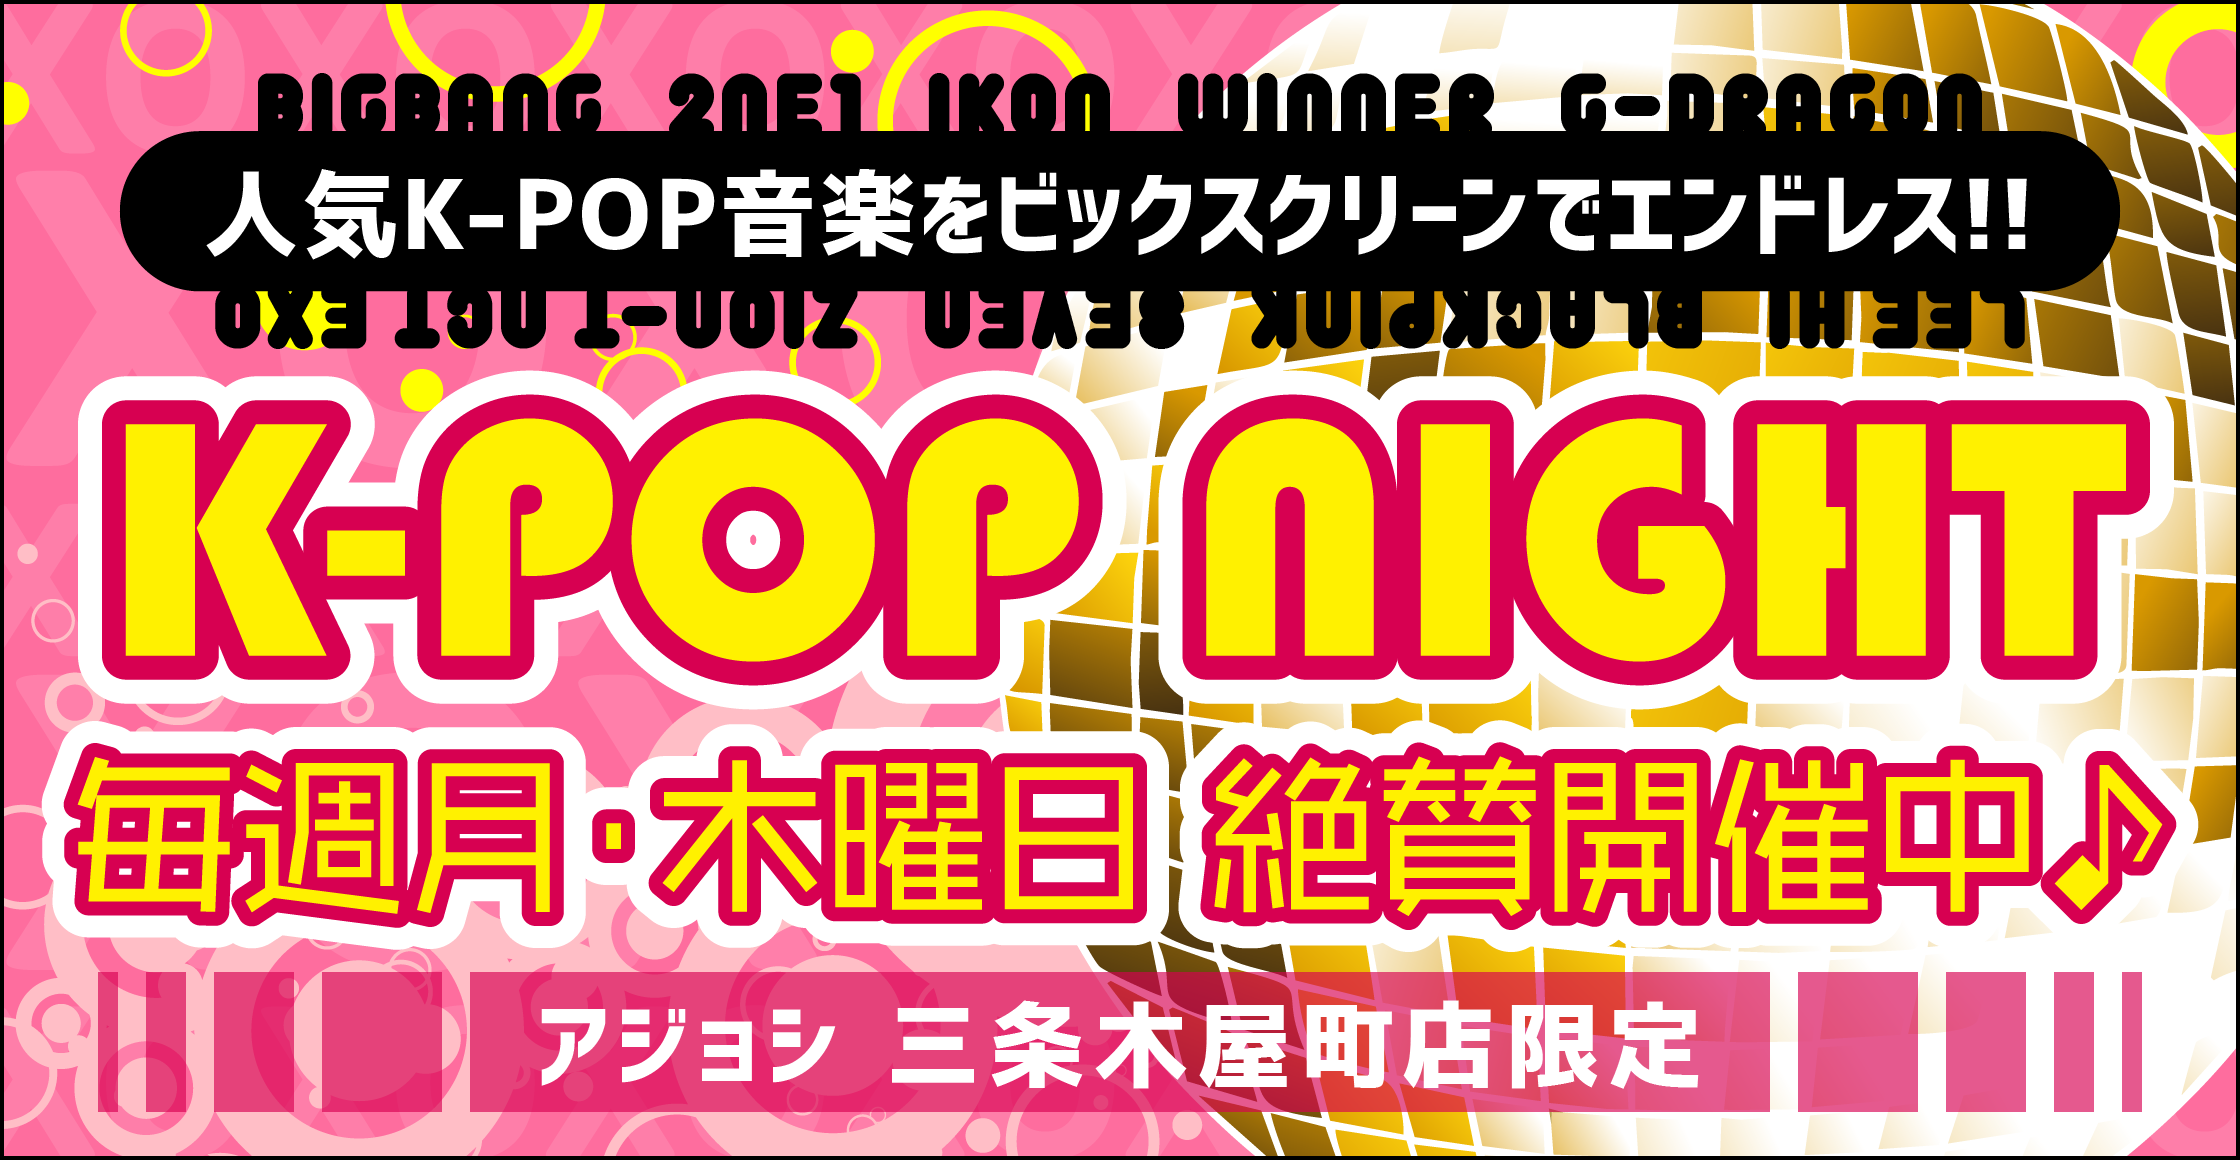 毎週月曜日と木曜日はアジョシでK-POP NIGHT♪ 人気のK-POP音楽をビックスクリーンでエンドレス!【三条木屋町店限定】